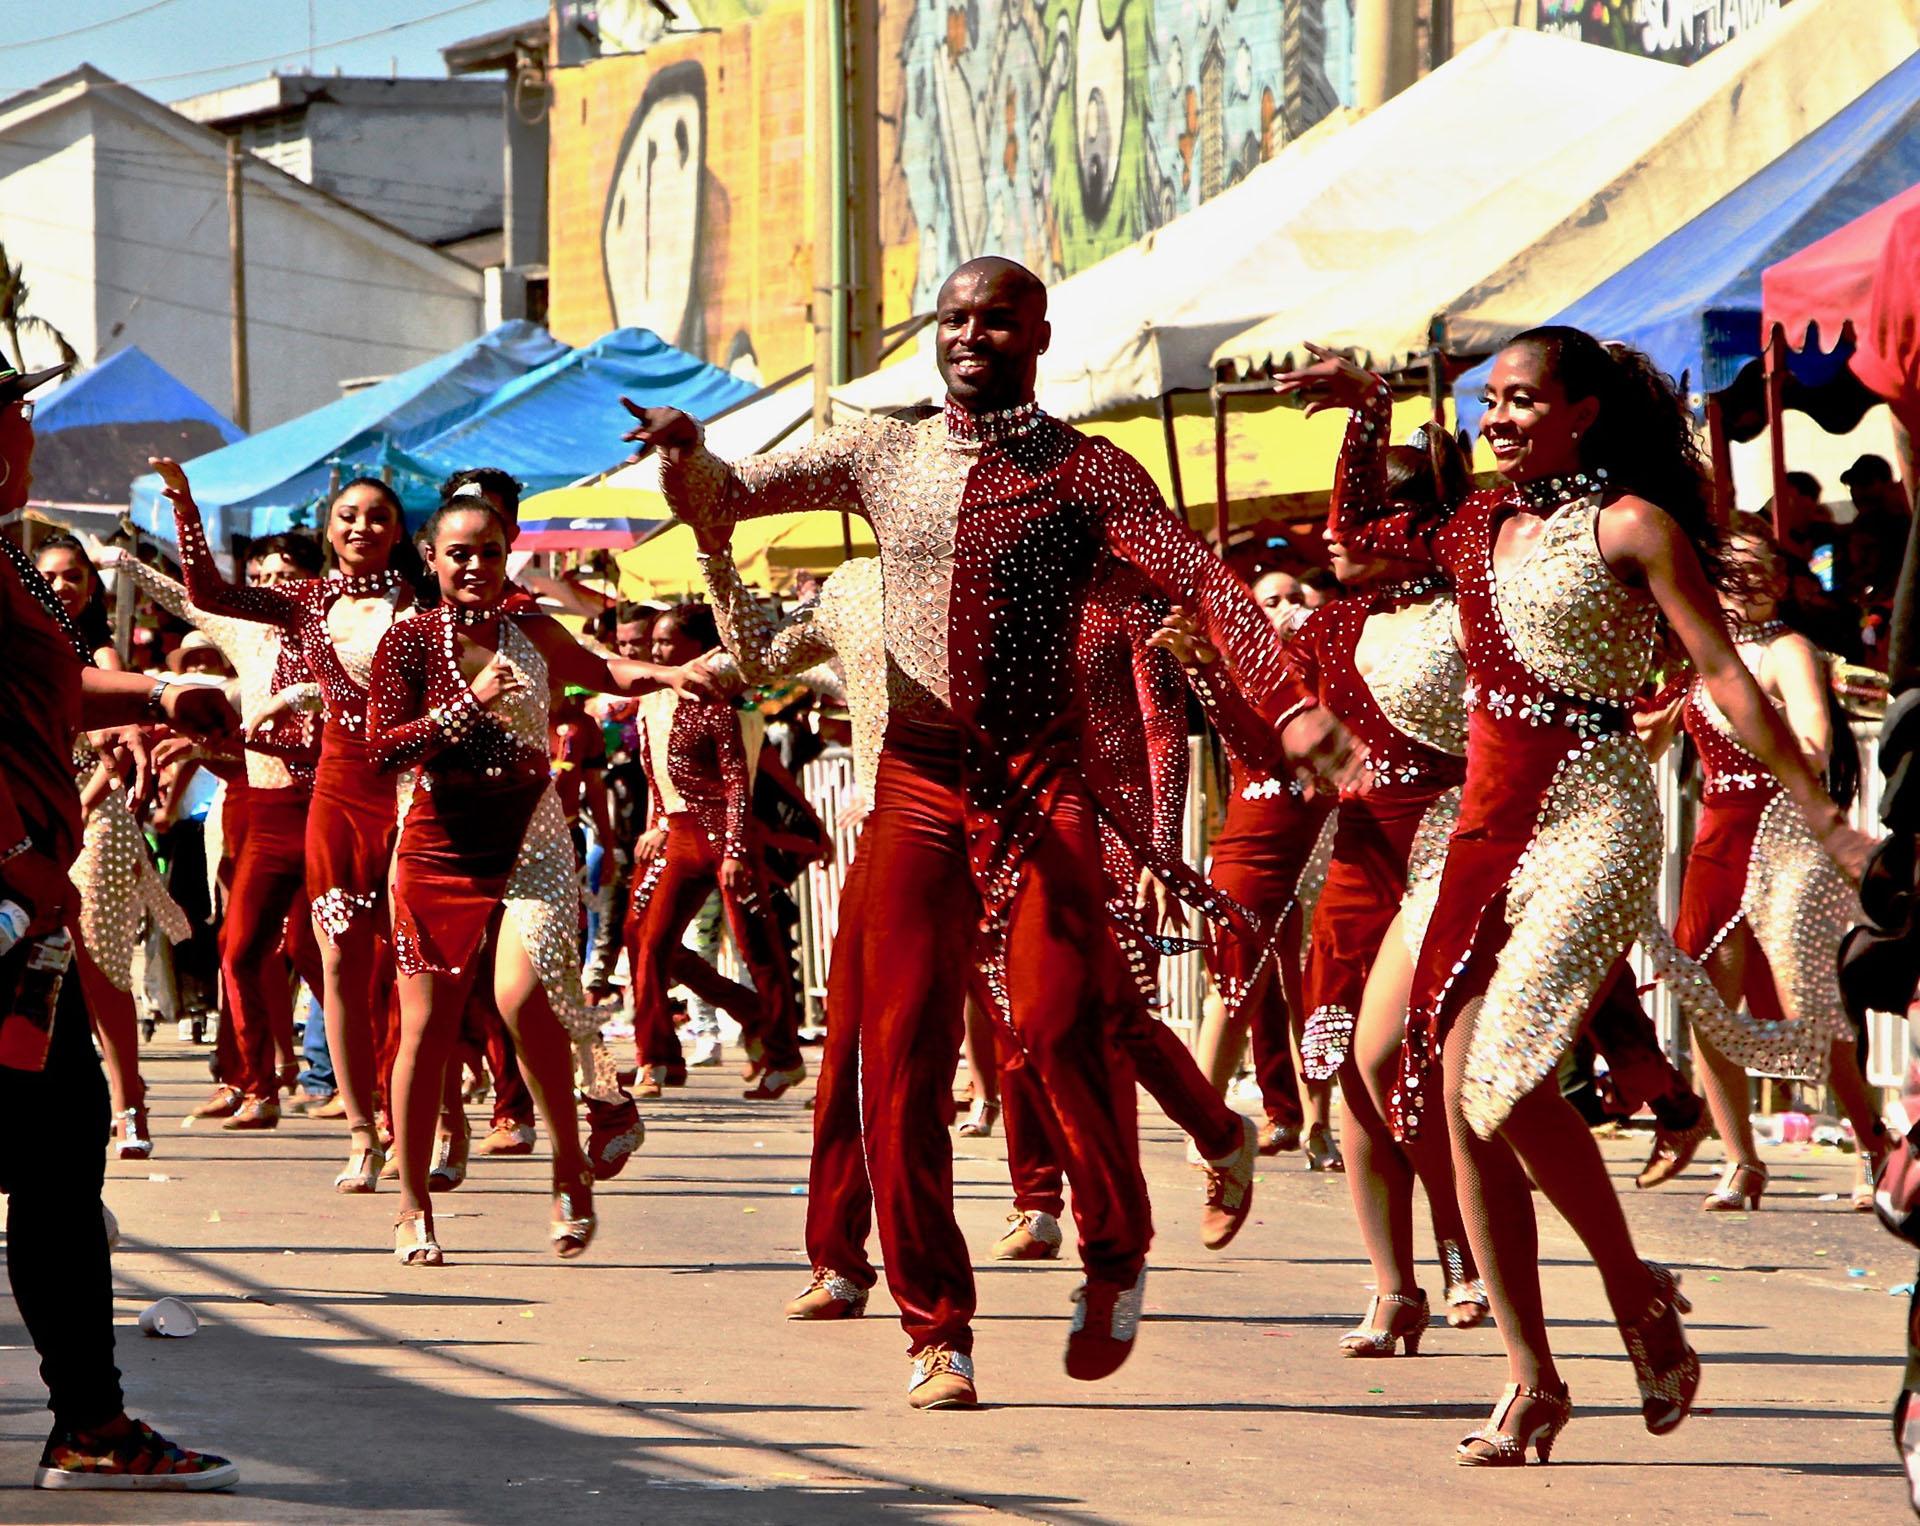 La comparsa Son Latino hizo sonar salsa en el Cumbiódromo. Han sido ganadores del Congo de Oro en pasadas ediciones del Carnaval